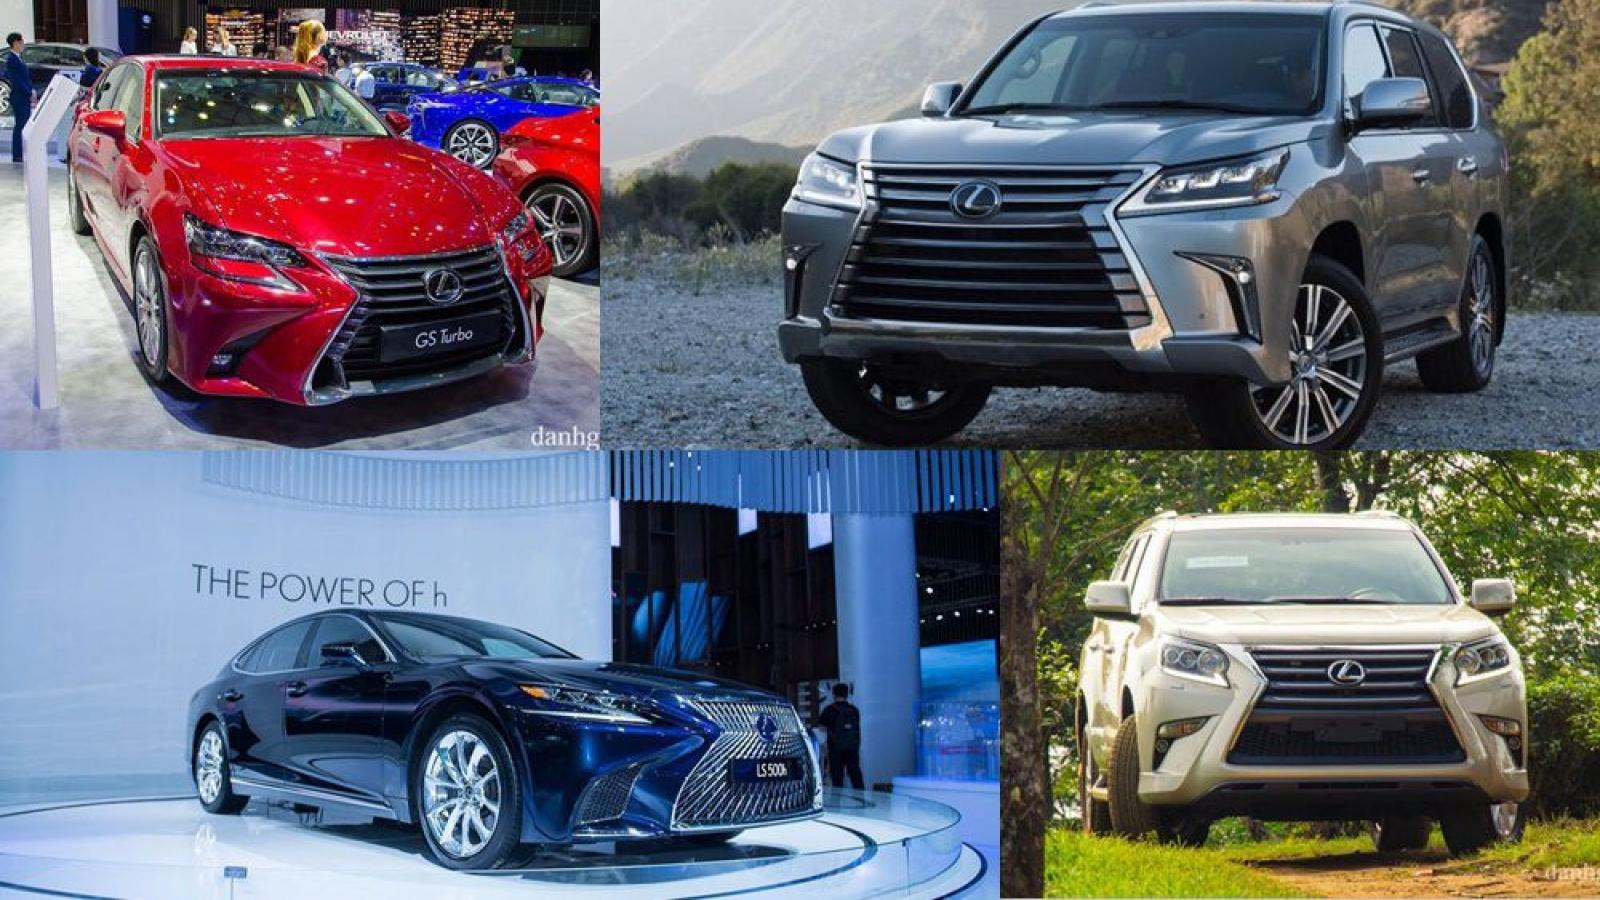 Hơn 1.000 xe sang Lexus được triệu hồi để kiểm tra và thay thế bơm nhiên liệu